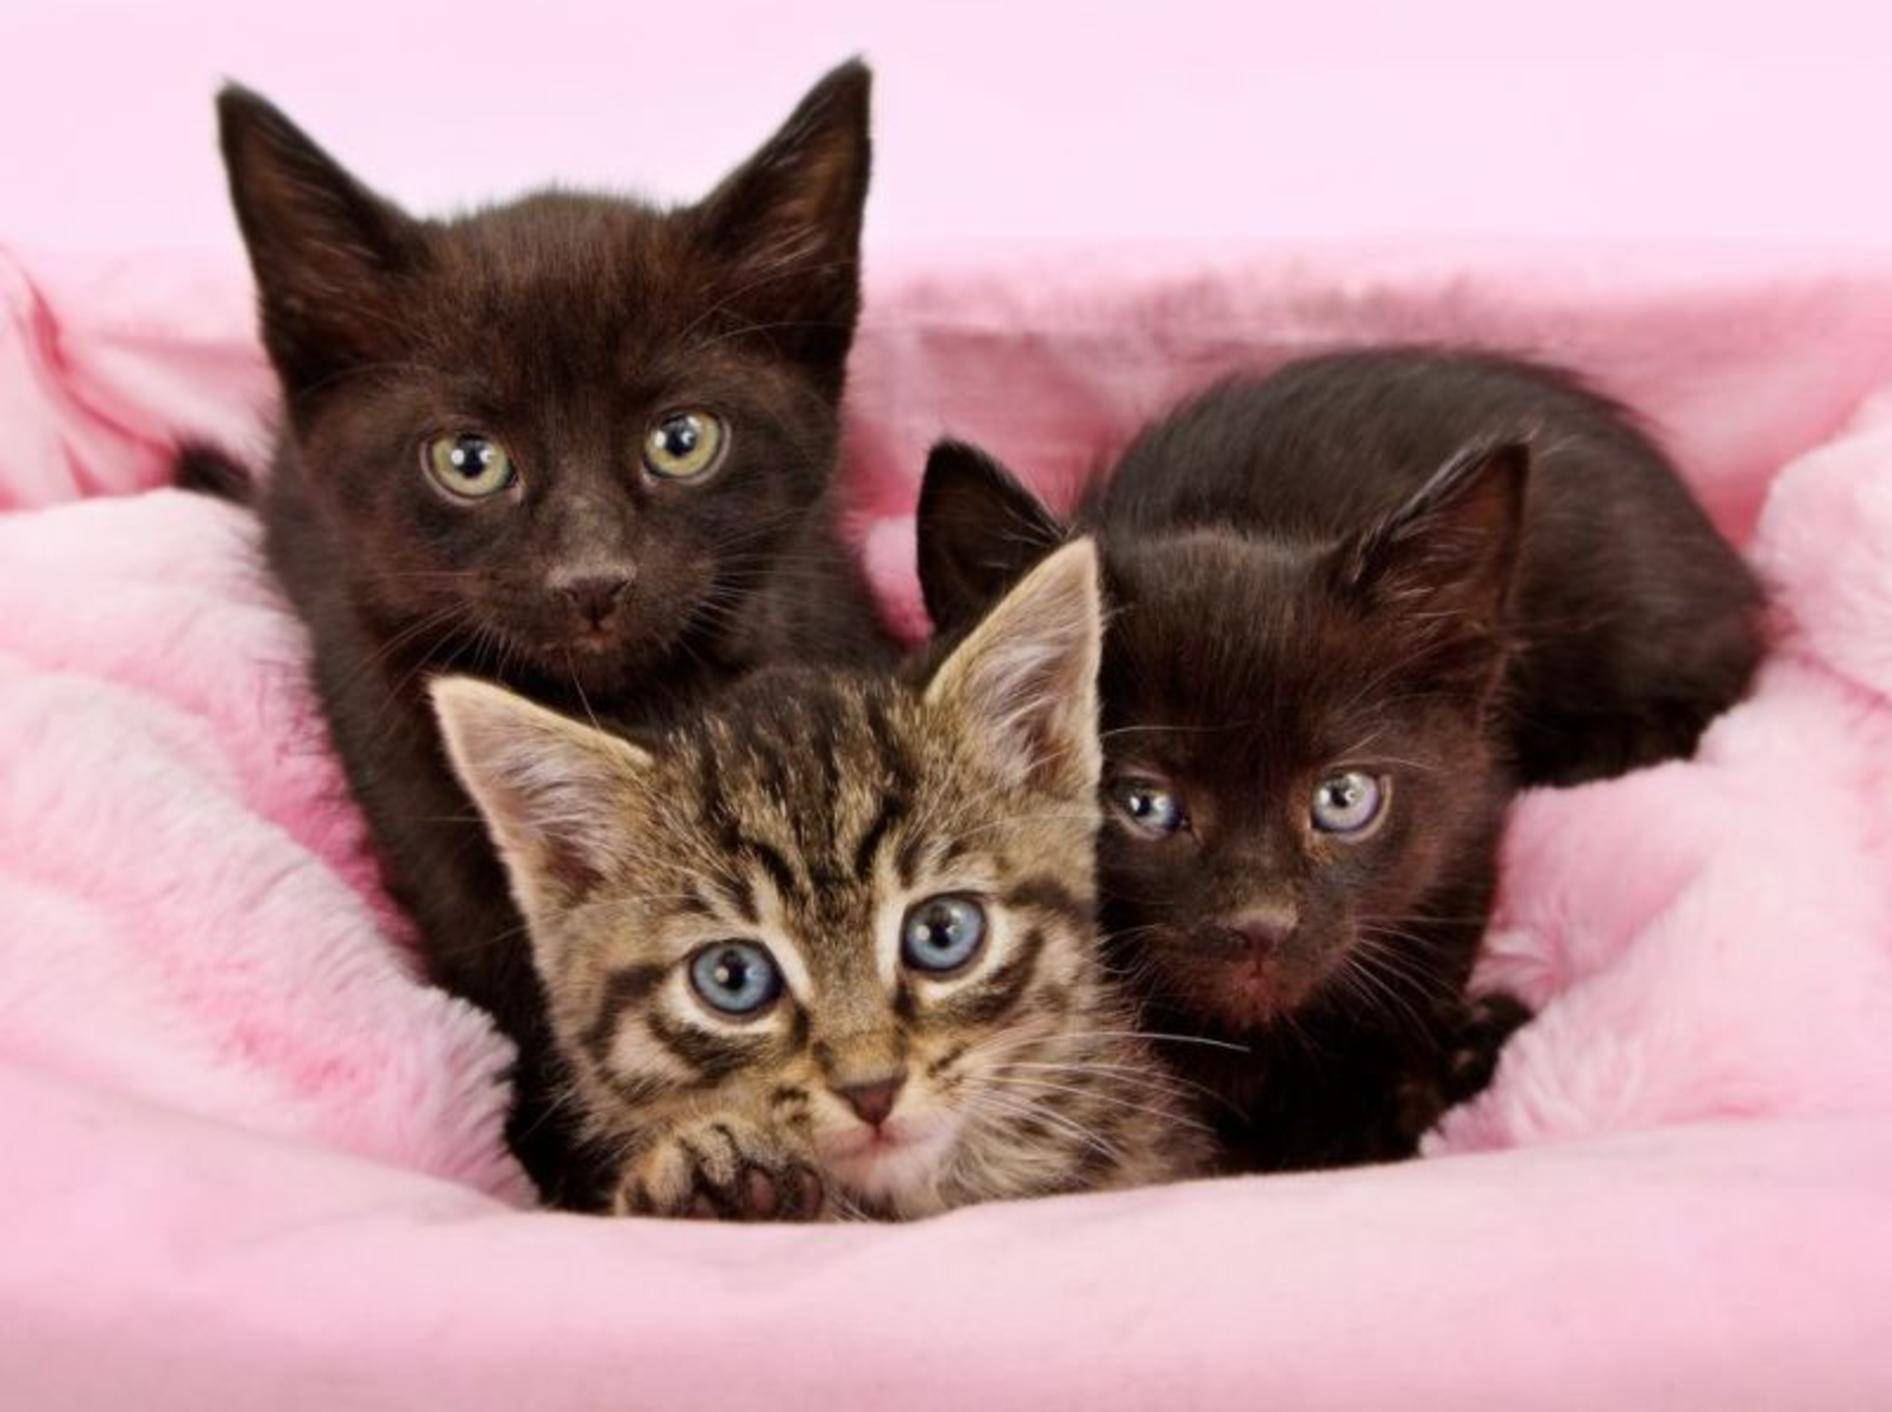 Katzenbabys auf rosa Decke